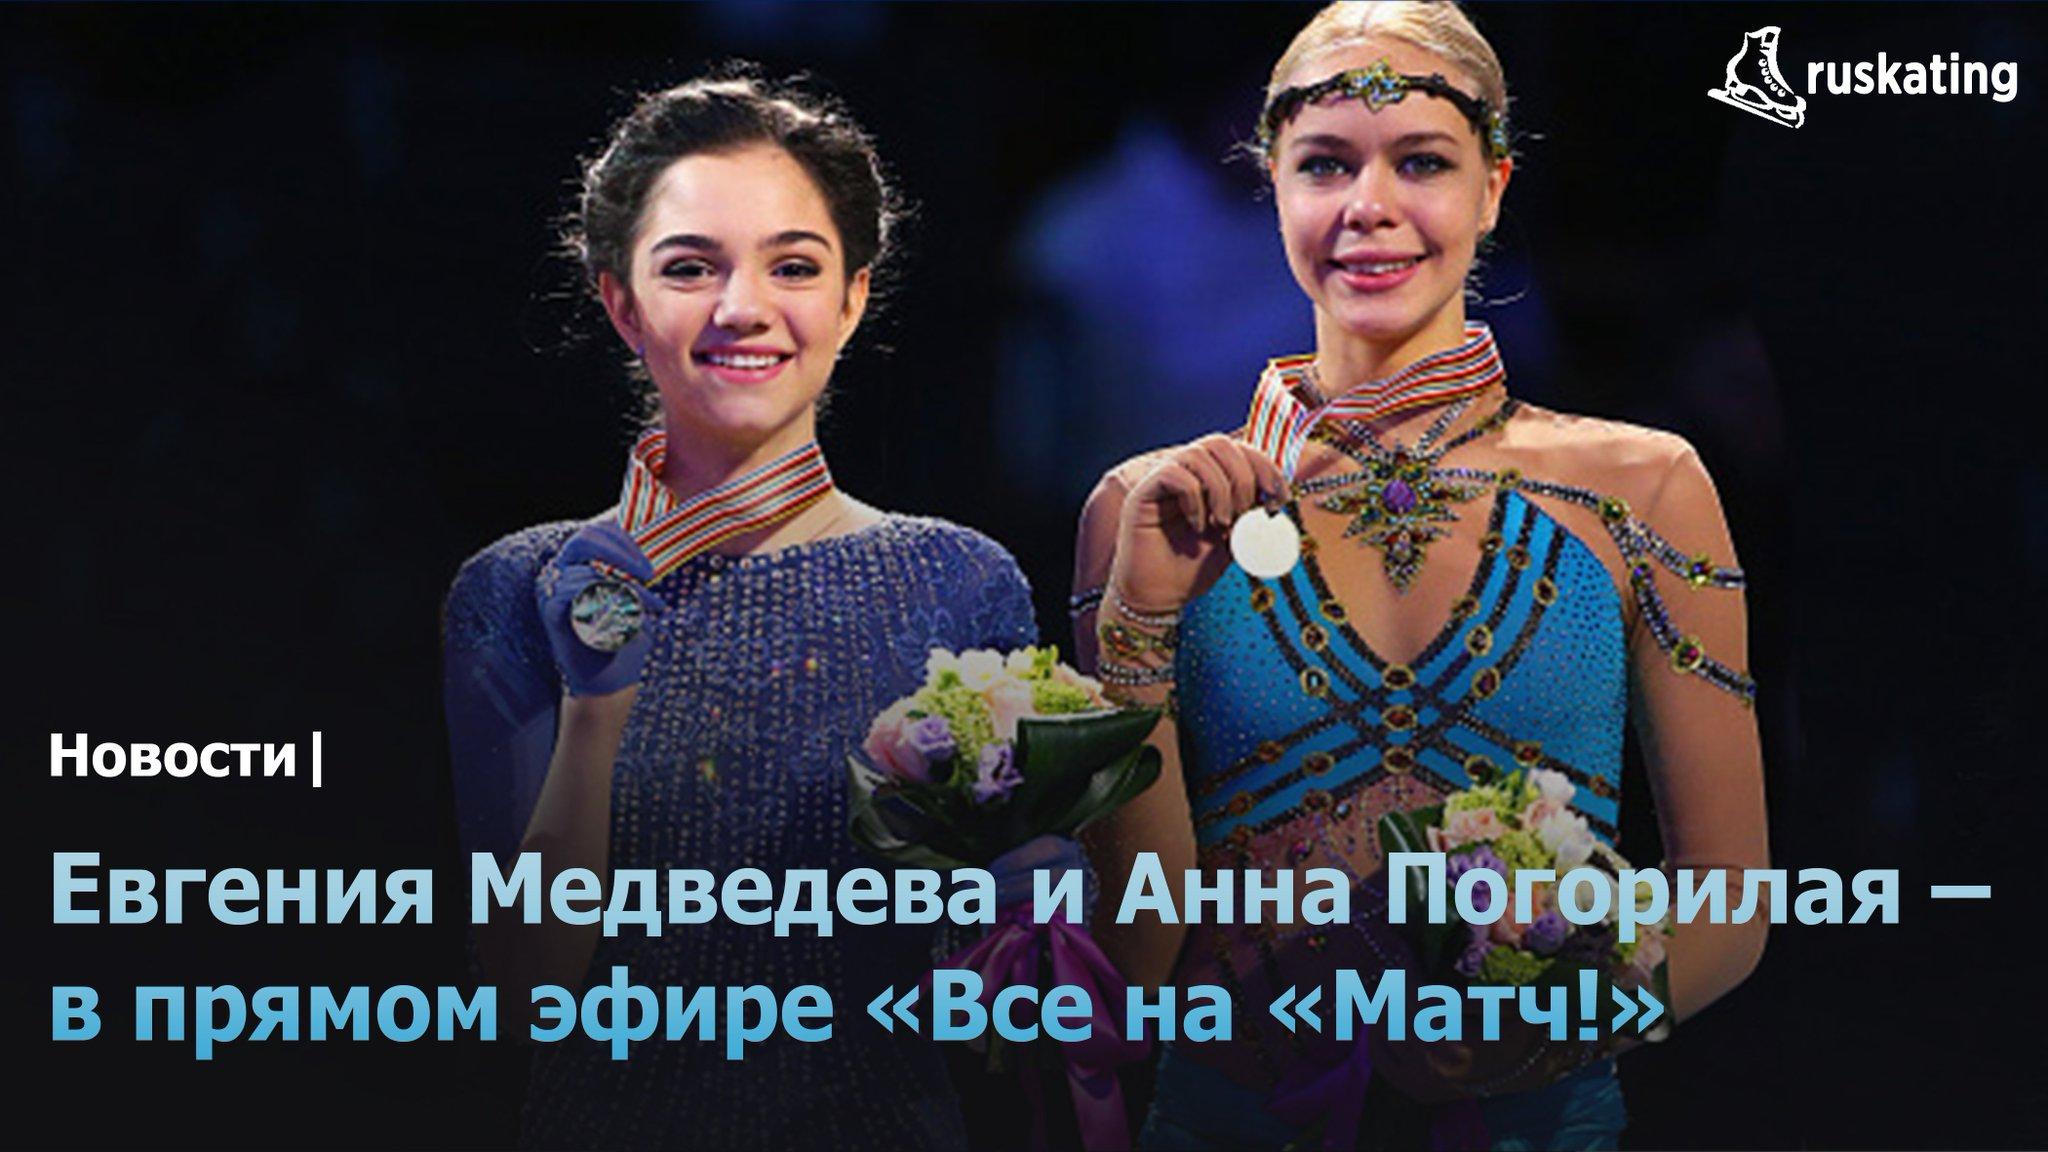 Анна Погорилая - Страница 26 CfXEtBKXIAAwSJK